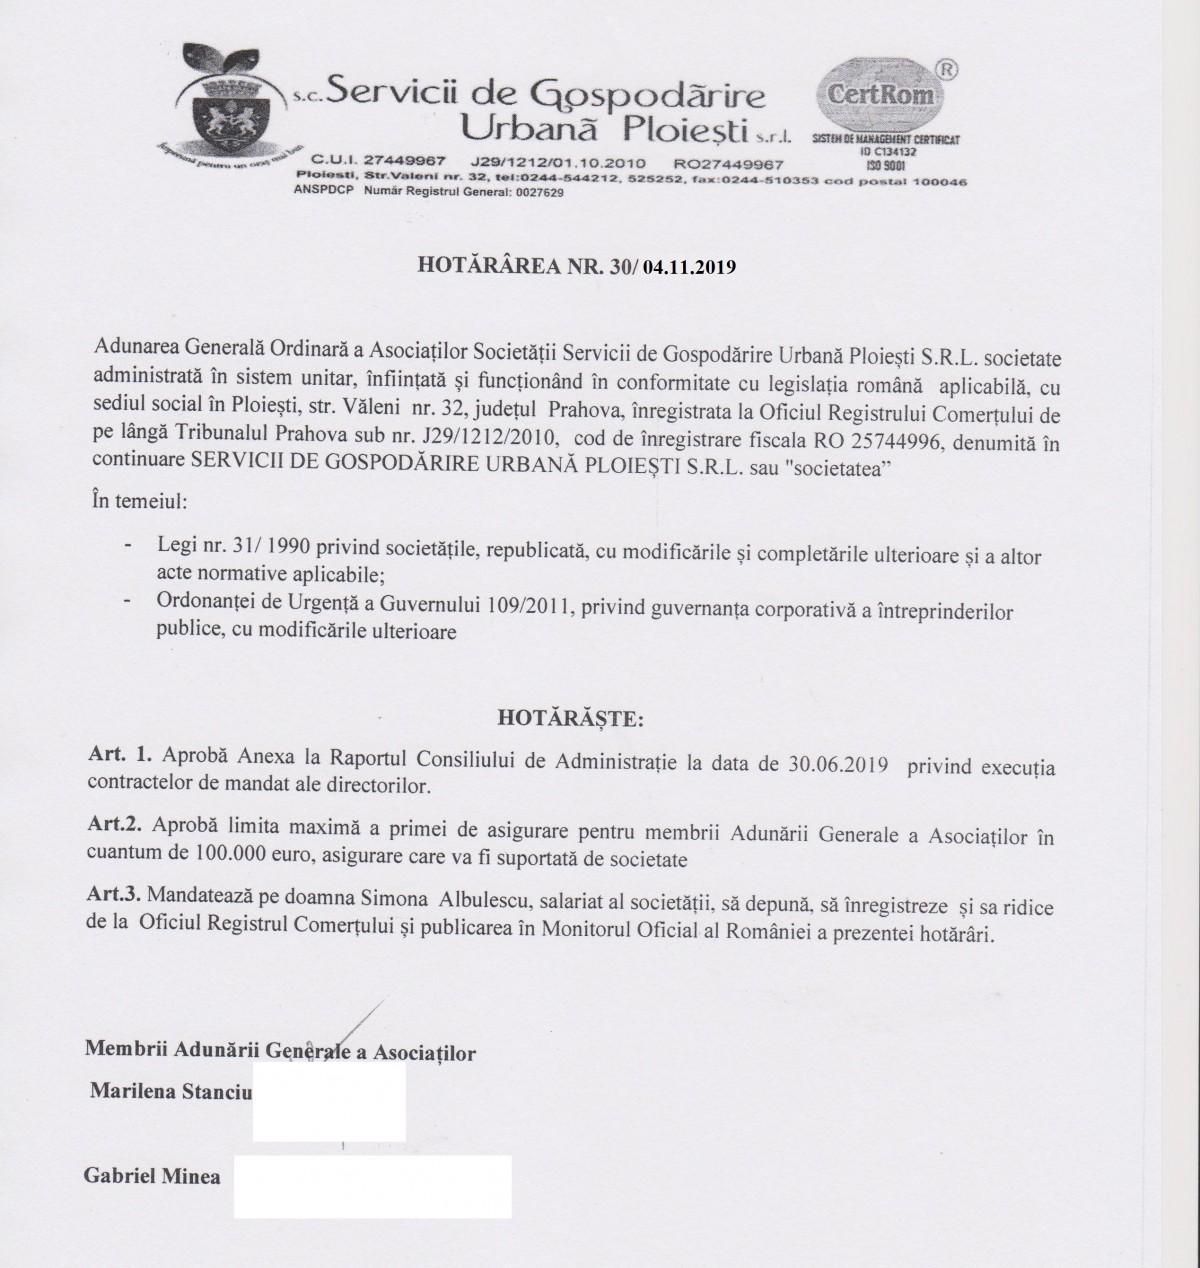 hotarare-aga-_7c382.jpg